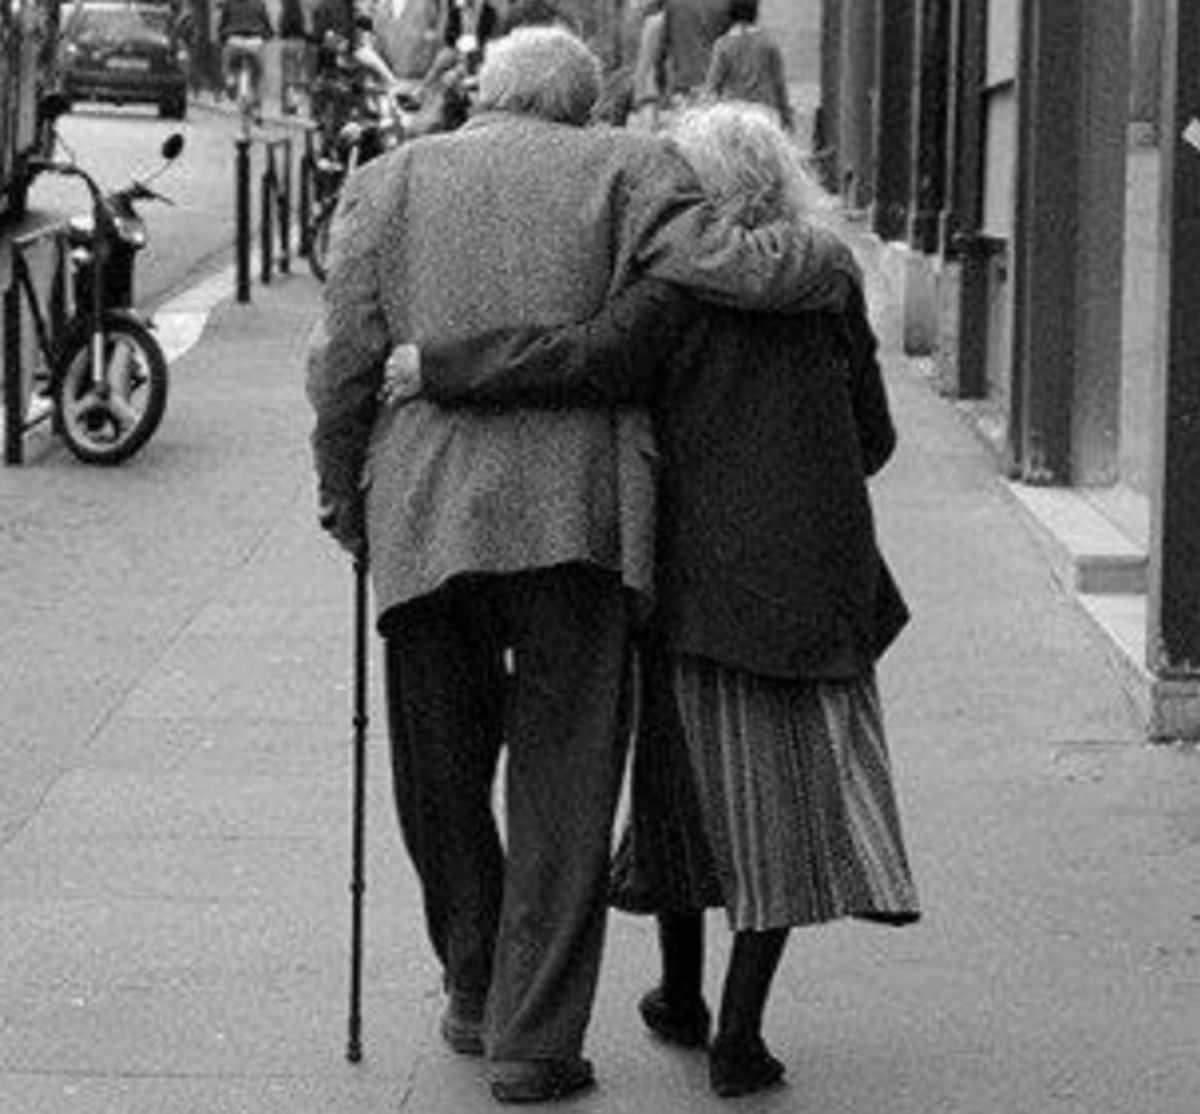 Смешной разговор бабули с дедулей, от которого у меня случилась истерика